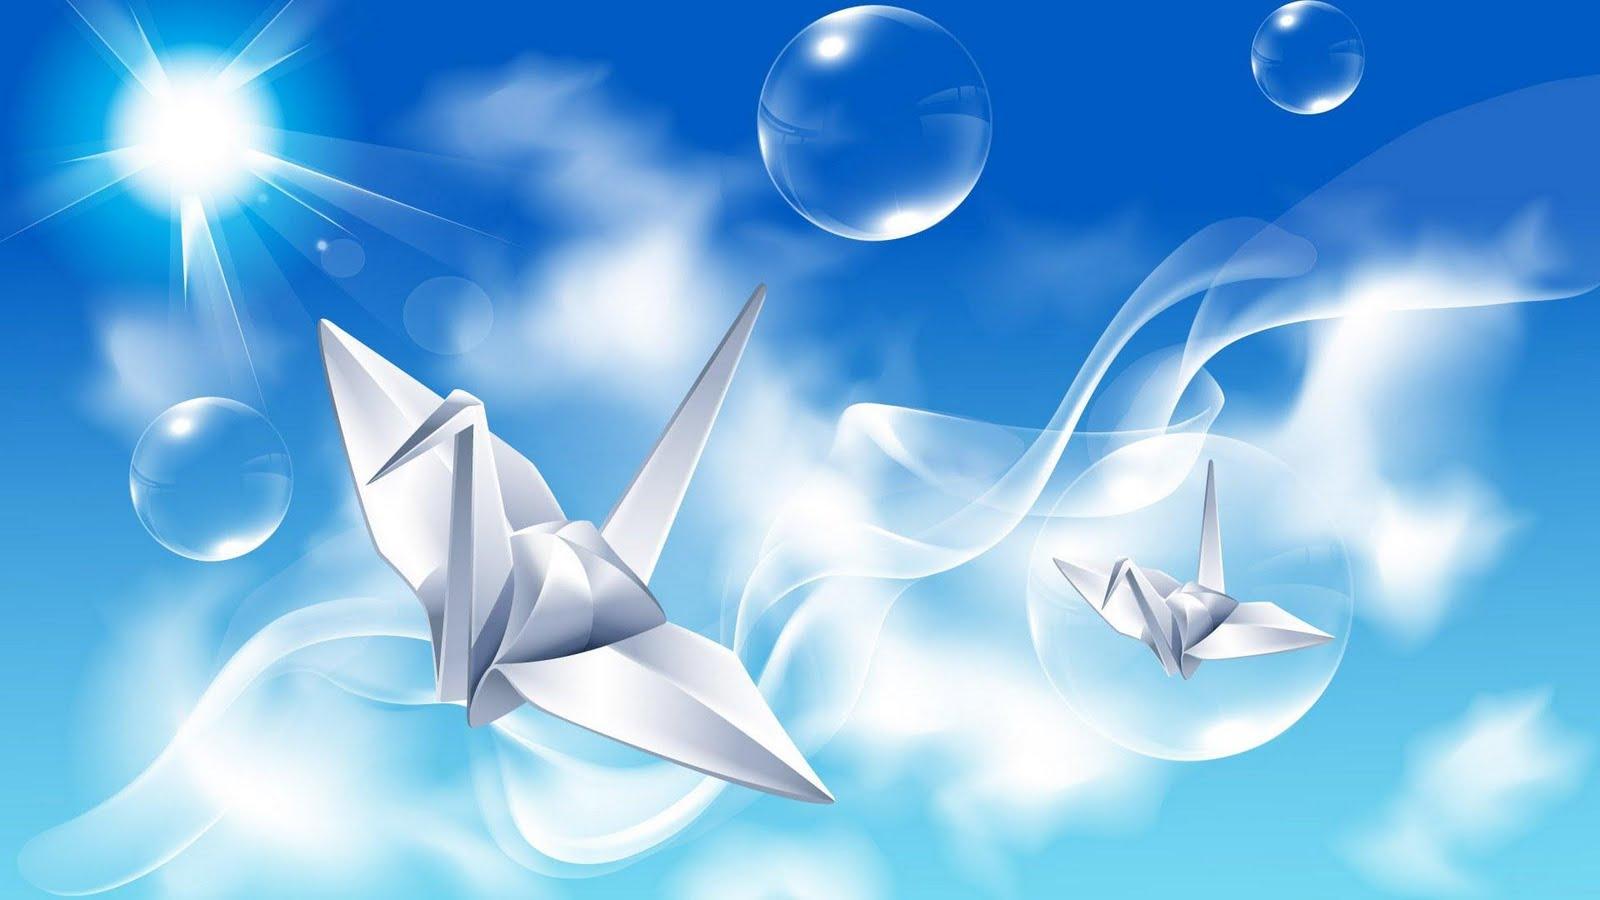 Blue Sky Design